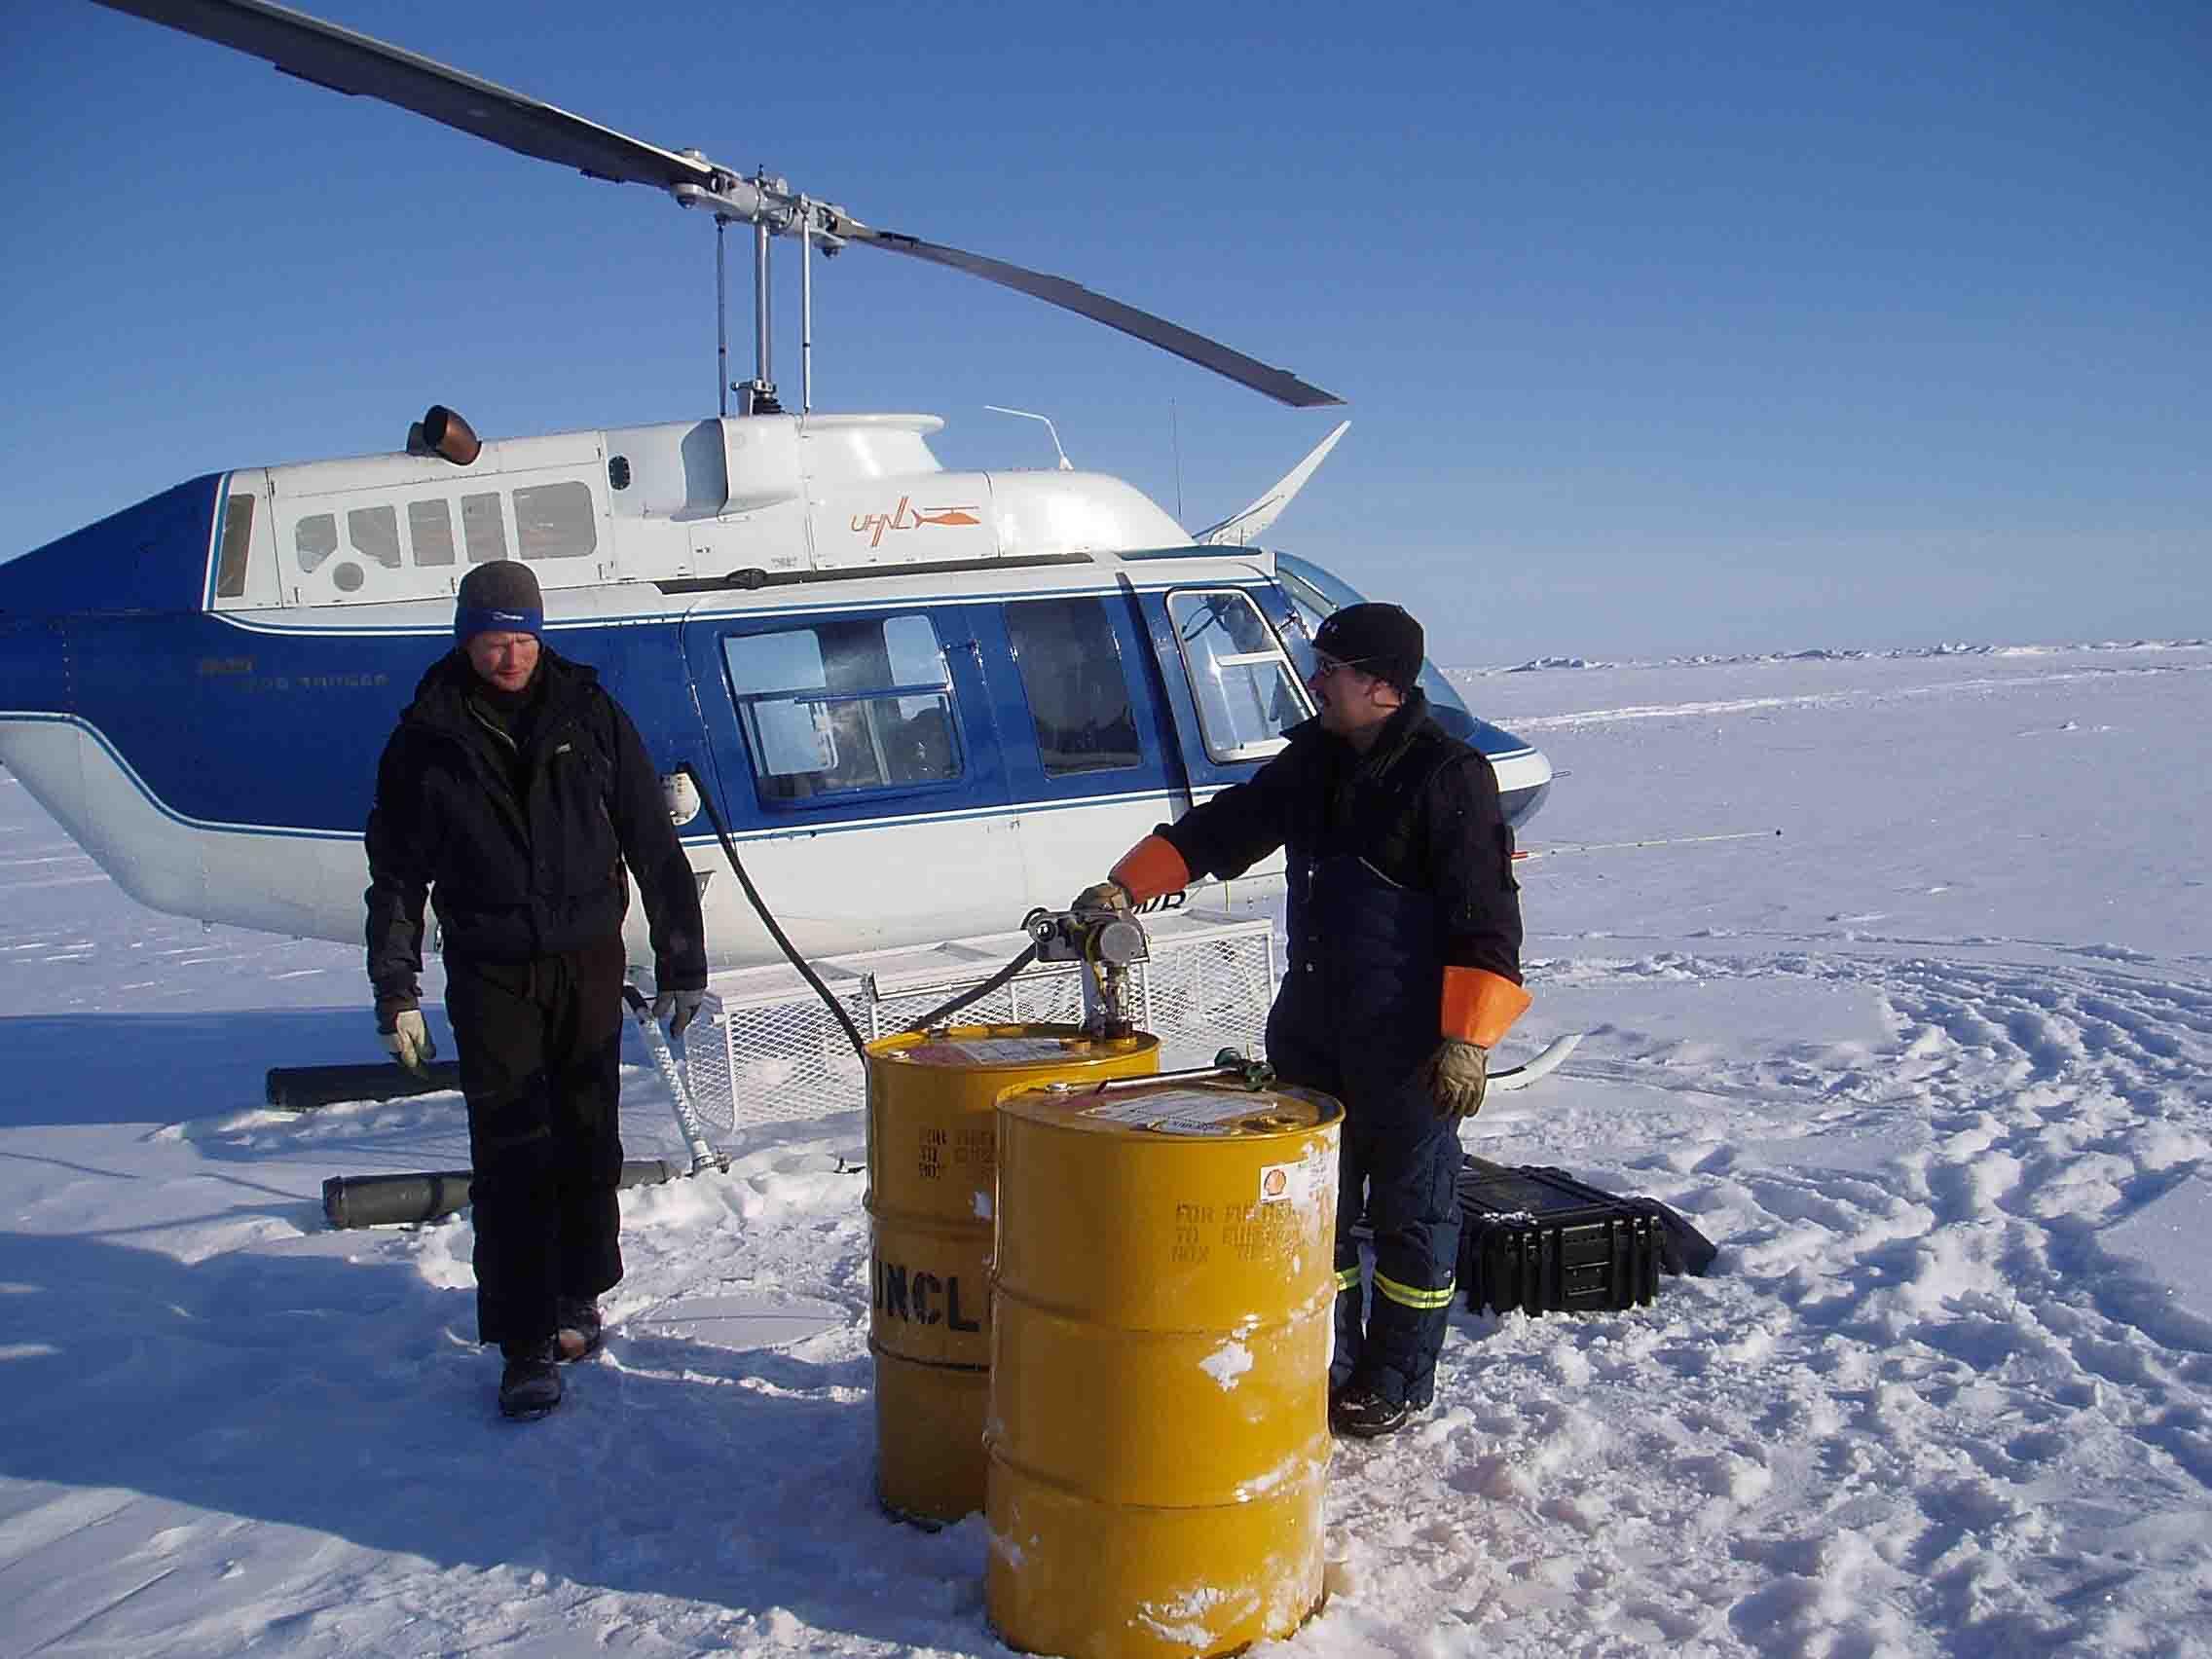 Tankning af helikopter på isen.